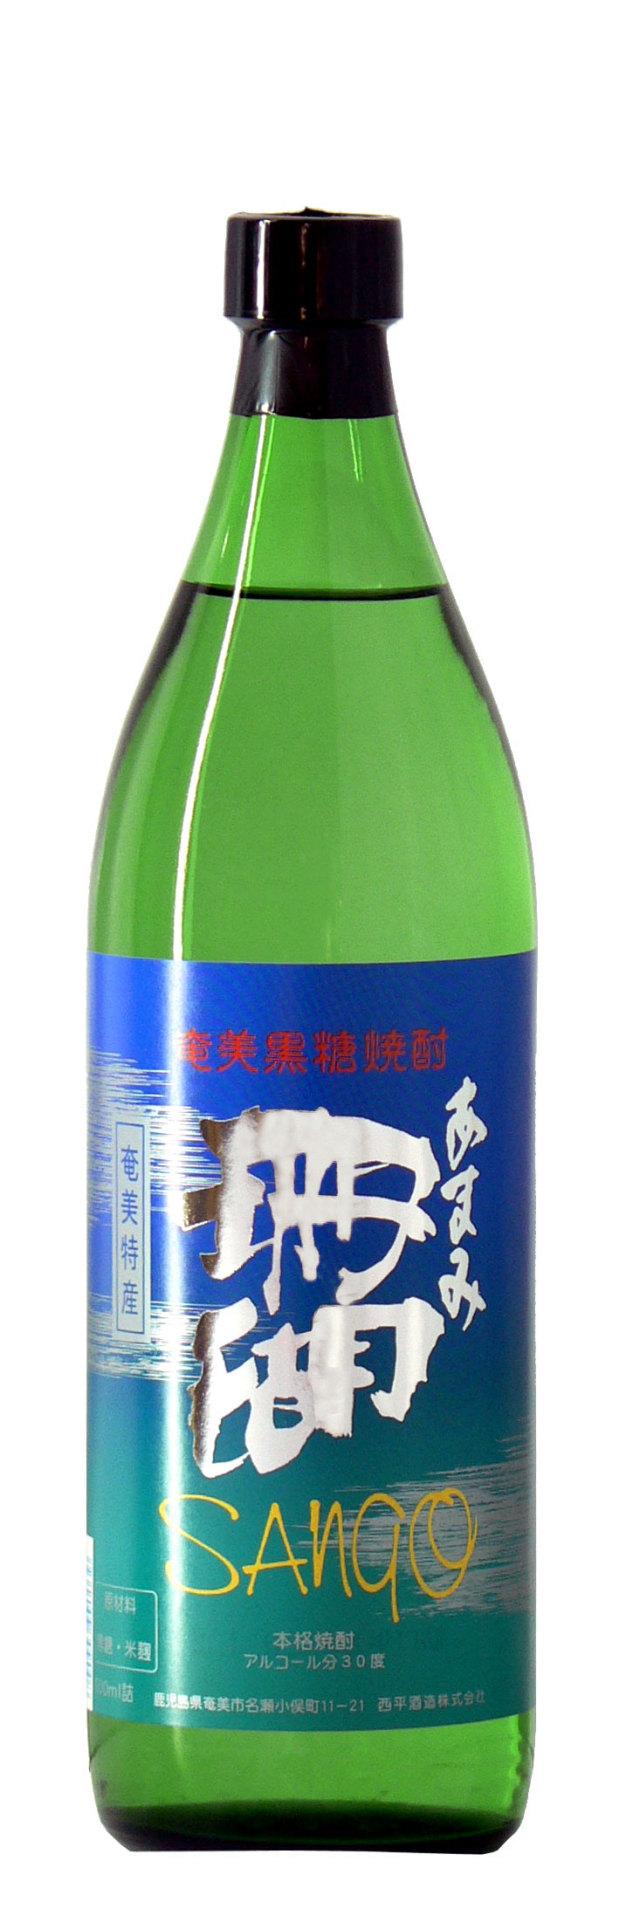 【奄美黒糖焼酎 「珊瑚」 30度 900ml】